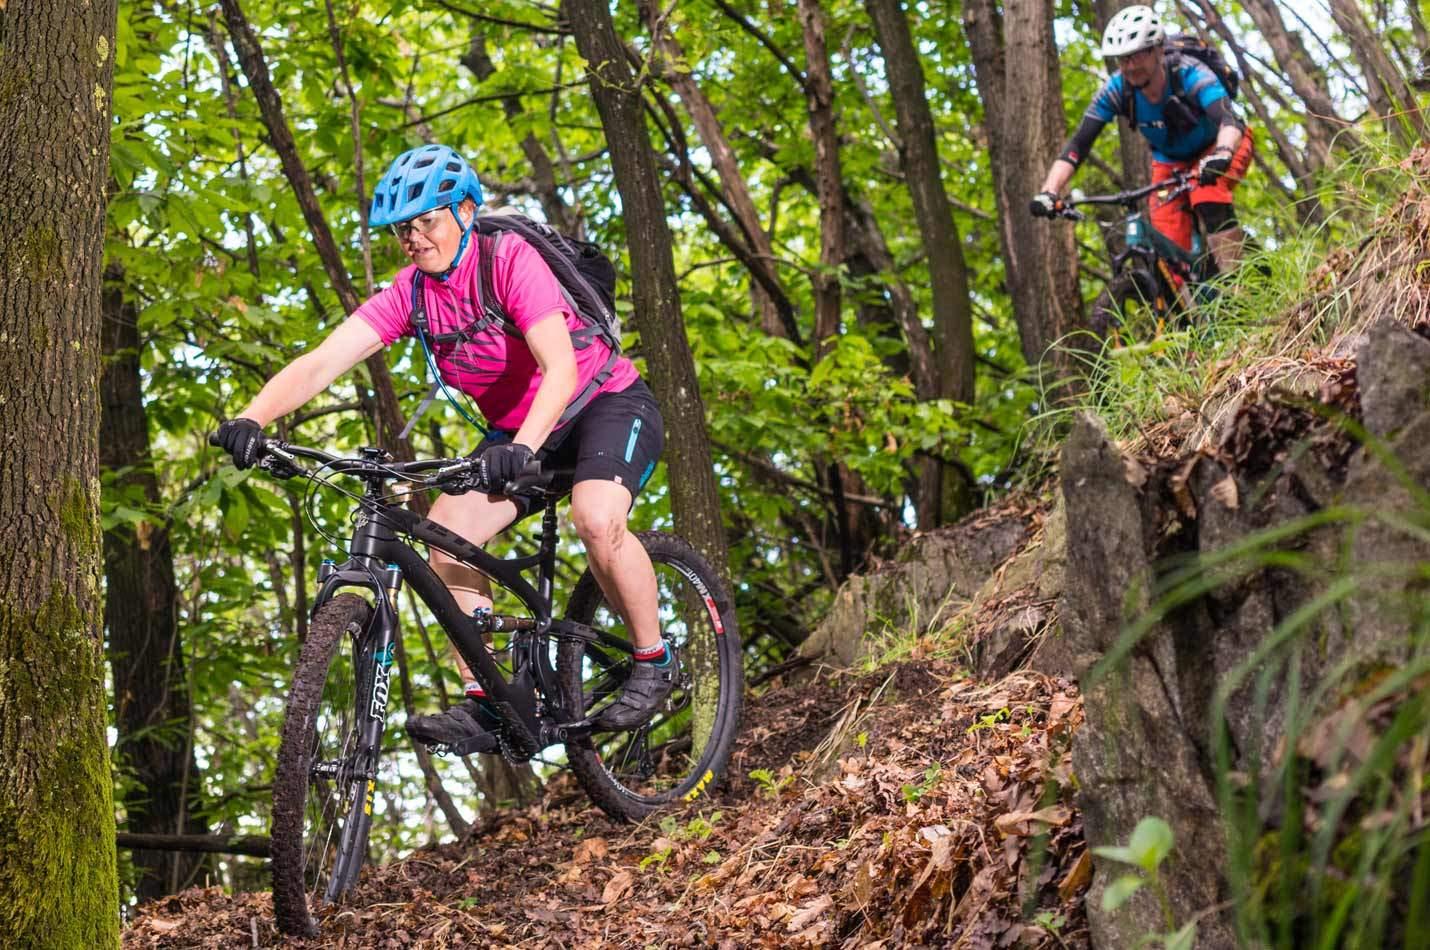 Auffahrt Bike Wochenende mit kniffligem Trail im Tessin